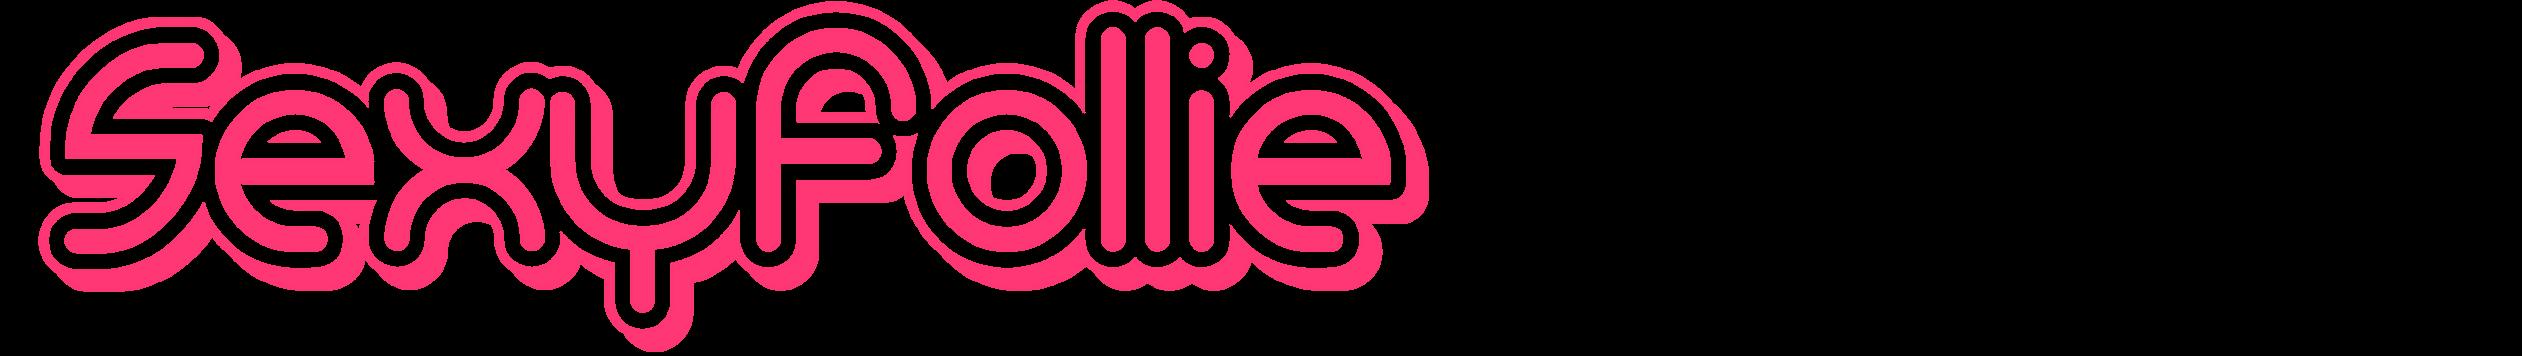 Sexyfollie